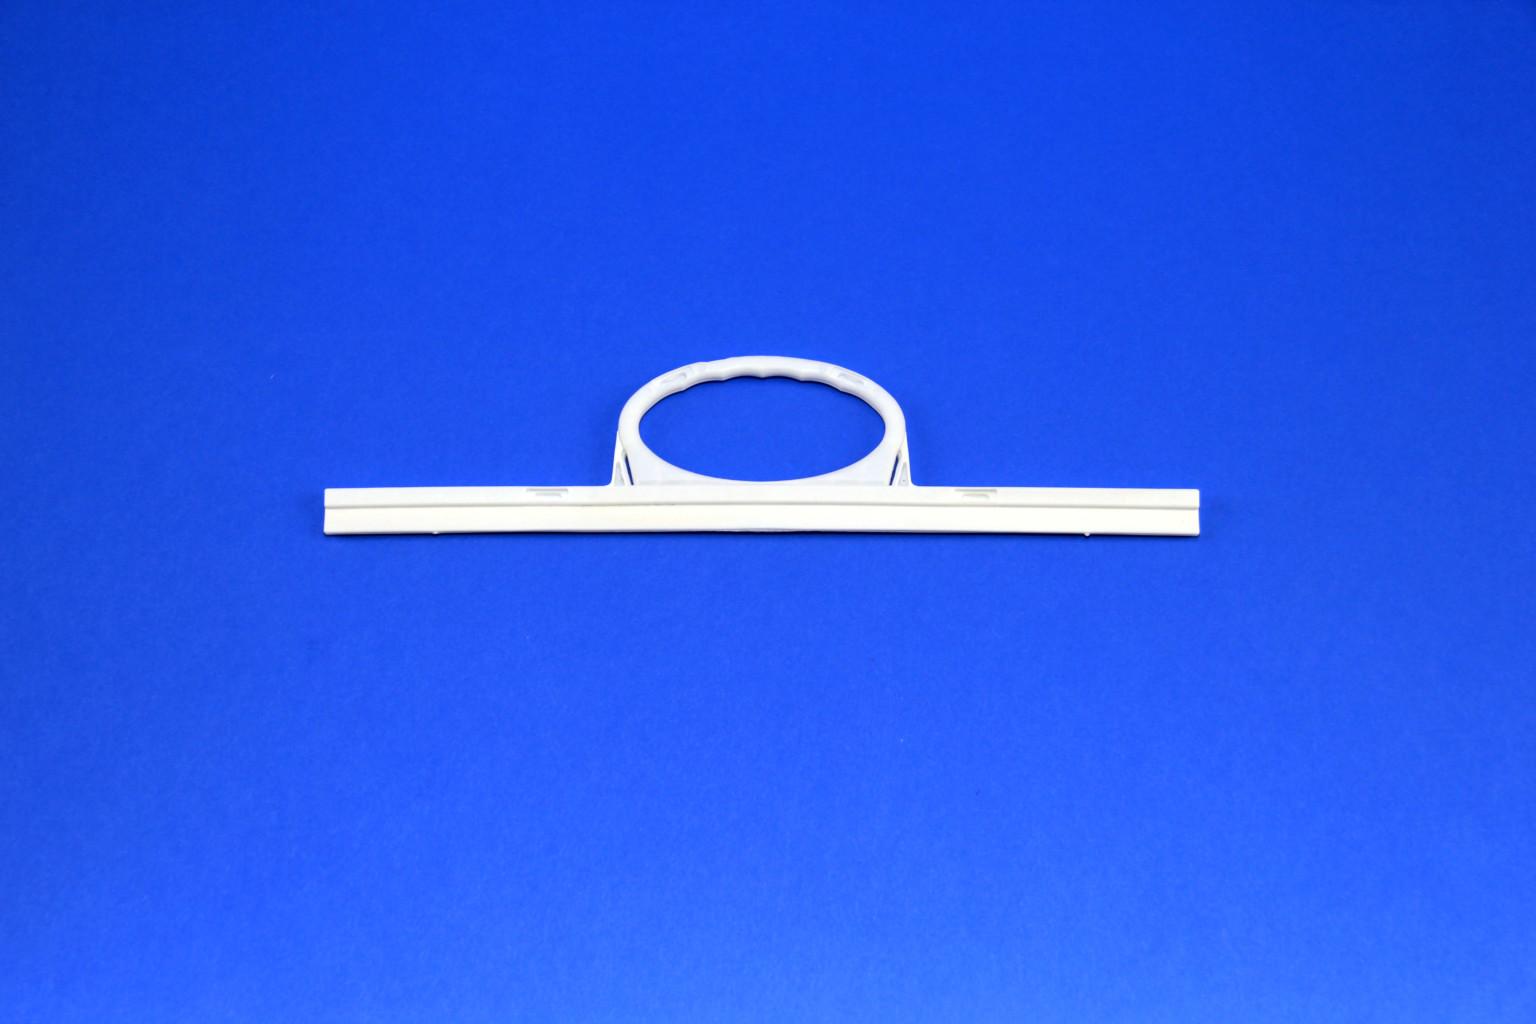 Luxus-Tragetaschen-Mehrwegverpackung-Doppelgriff-Durchsteckgriff-DSG-Oval-300-Sicherheitsverschluss-mit-Diebstahlschutz